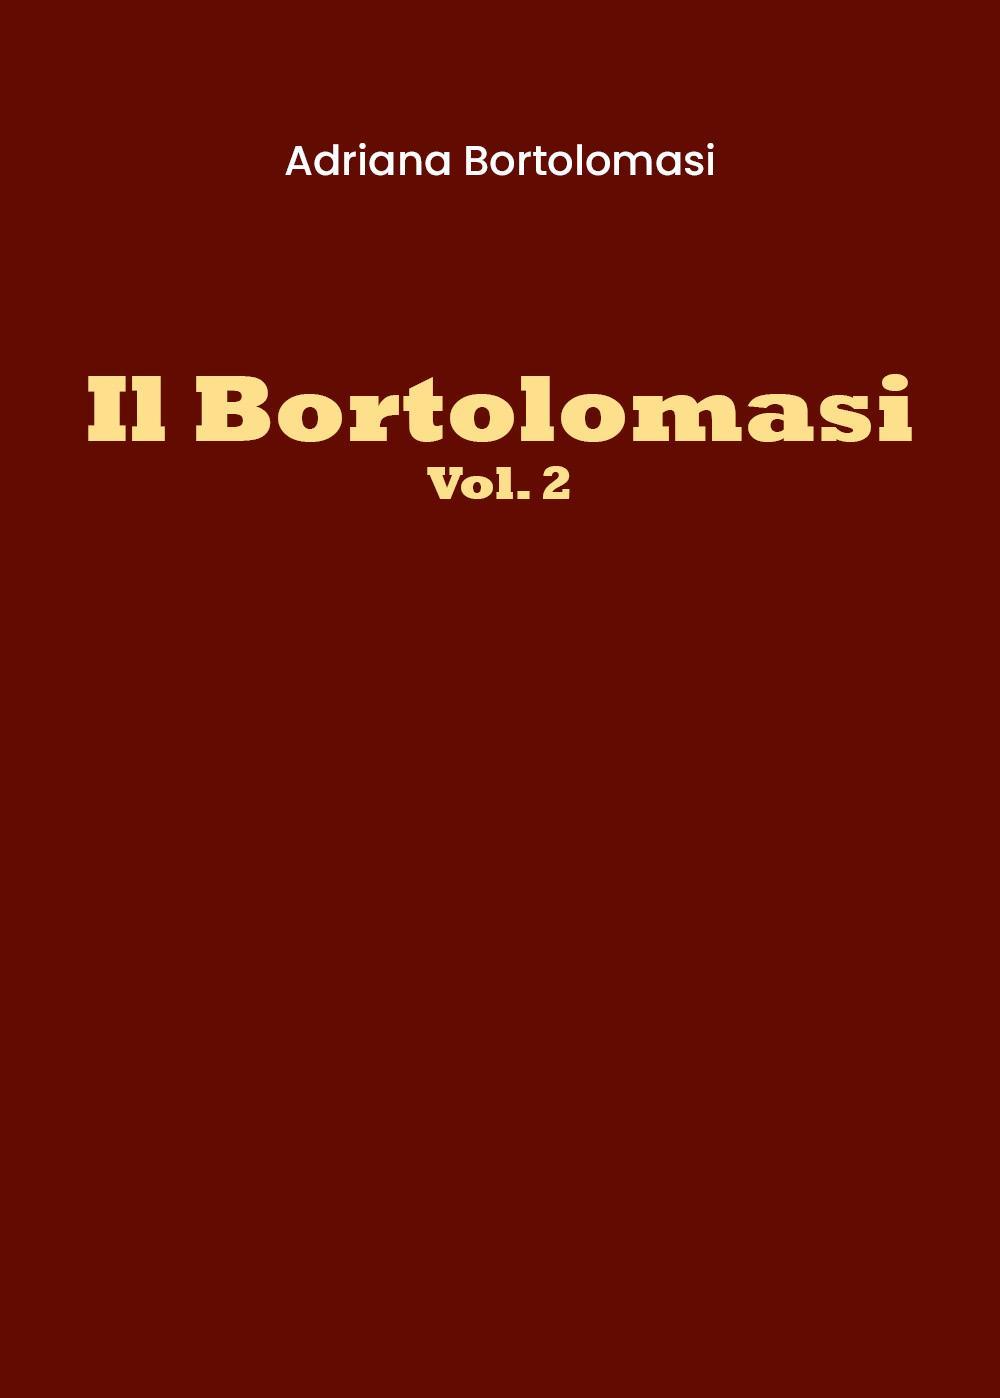 Il Bortolomasi - Vol. 2